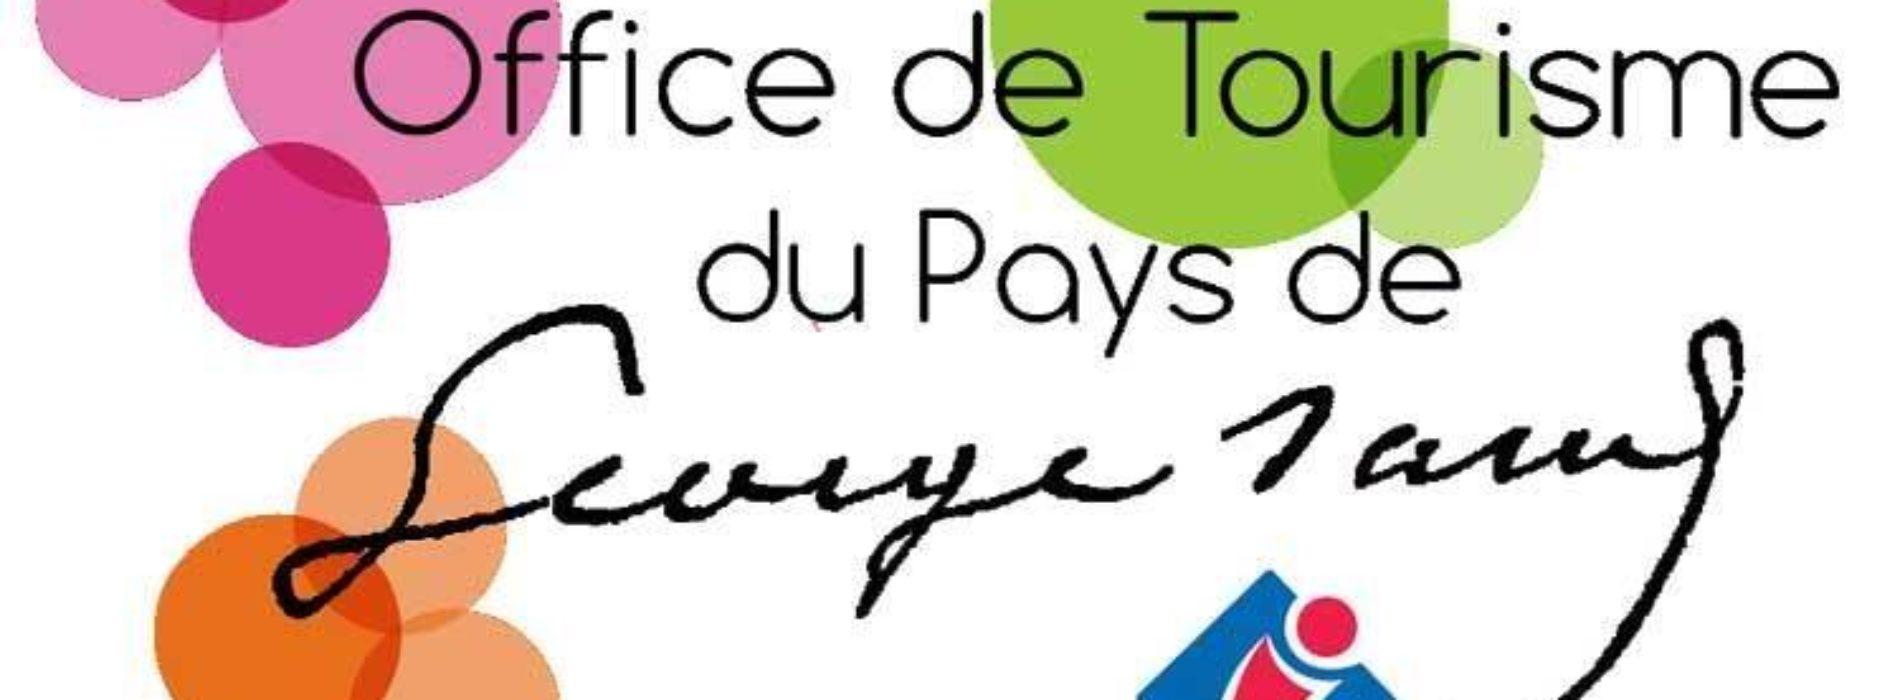 SAISON CULTURELLE DU PAYS DE GEORGE SAND CHAQUE SEMAINE